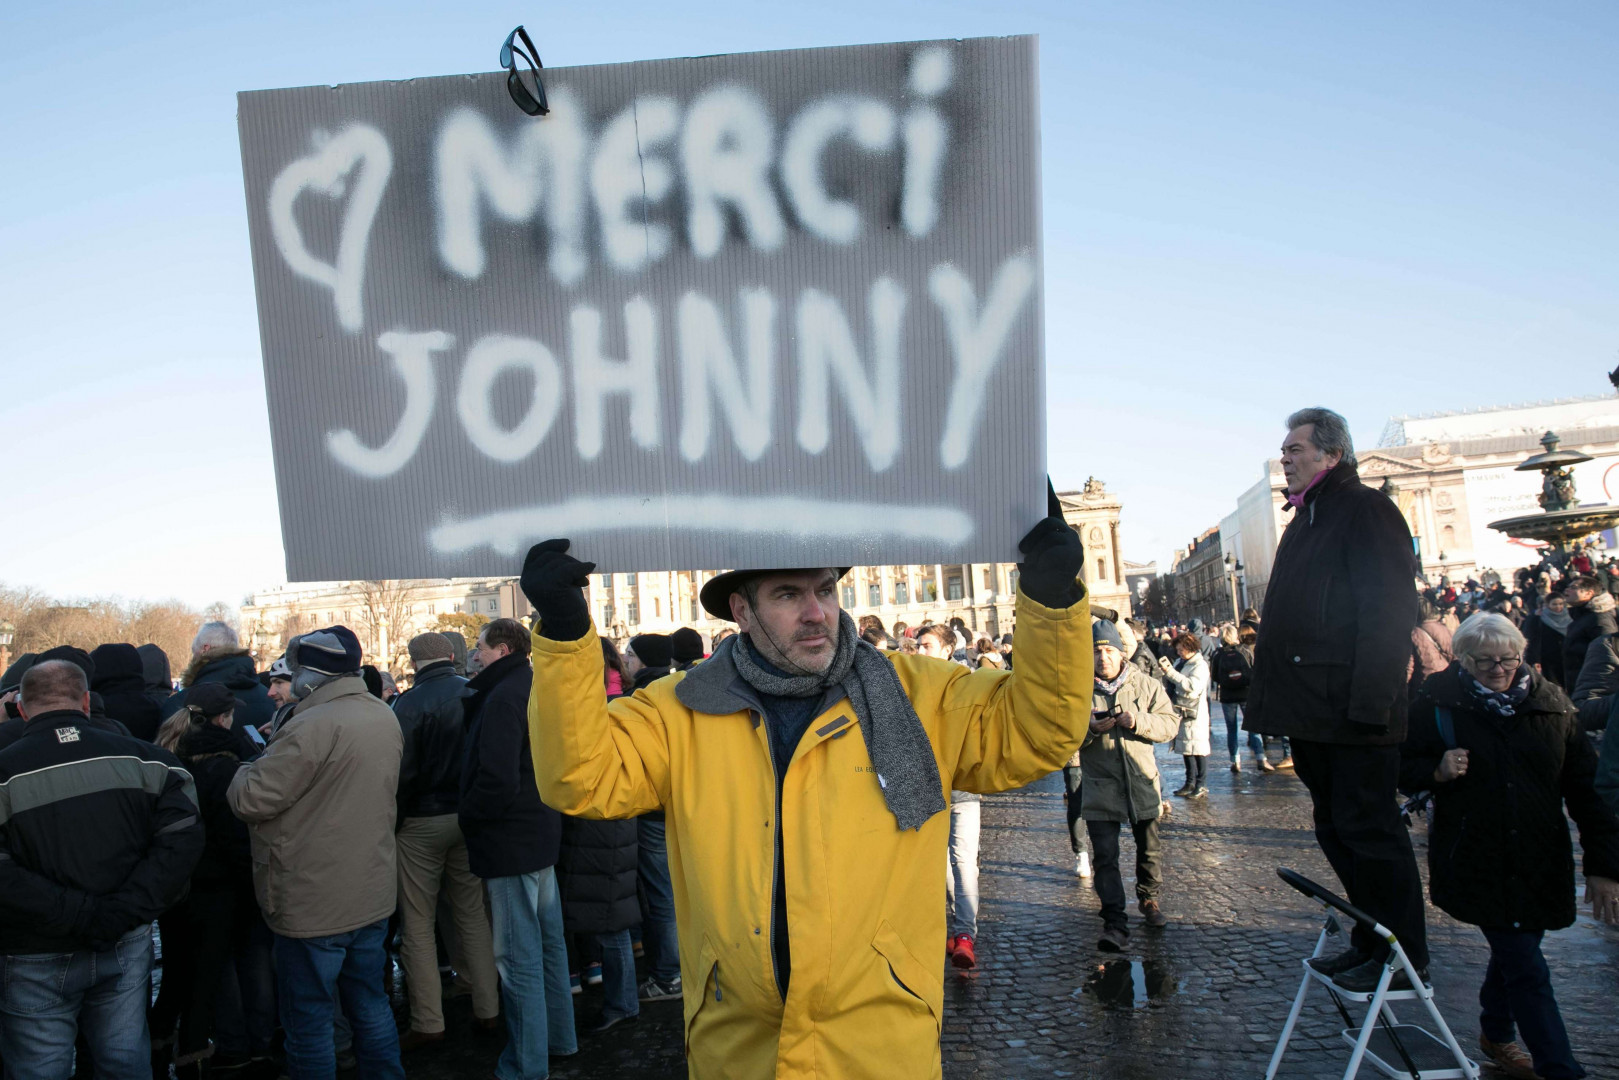 """""""Merci Johnny"""", peut-on lire sur cette pancarte brandie fièrement par un fan."""